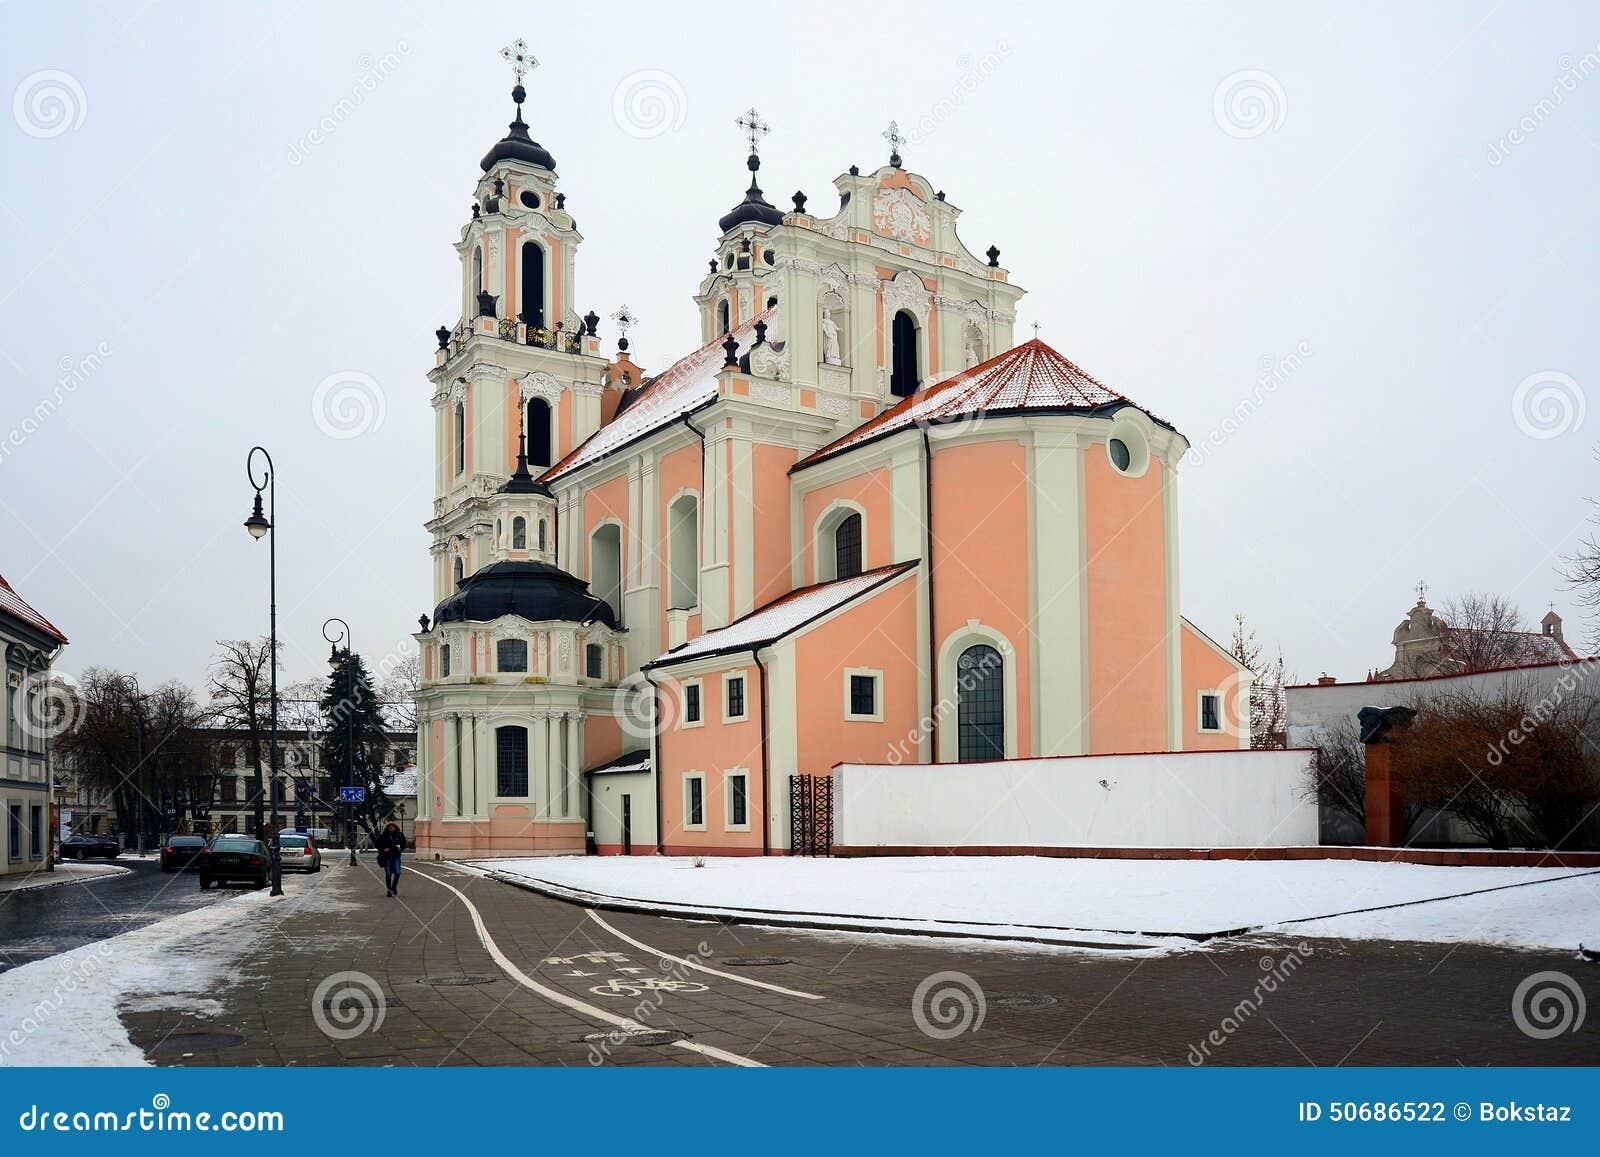 Download 圣凯瑟琳教会在冬时的 库存照片. 图片 包括有 信念, 城市, 拱道, 宽容, 颜色, 蓝色, 最老, 外部 - 50686522